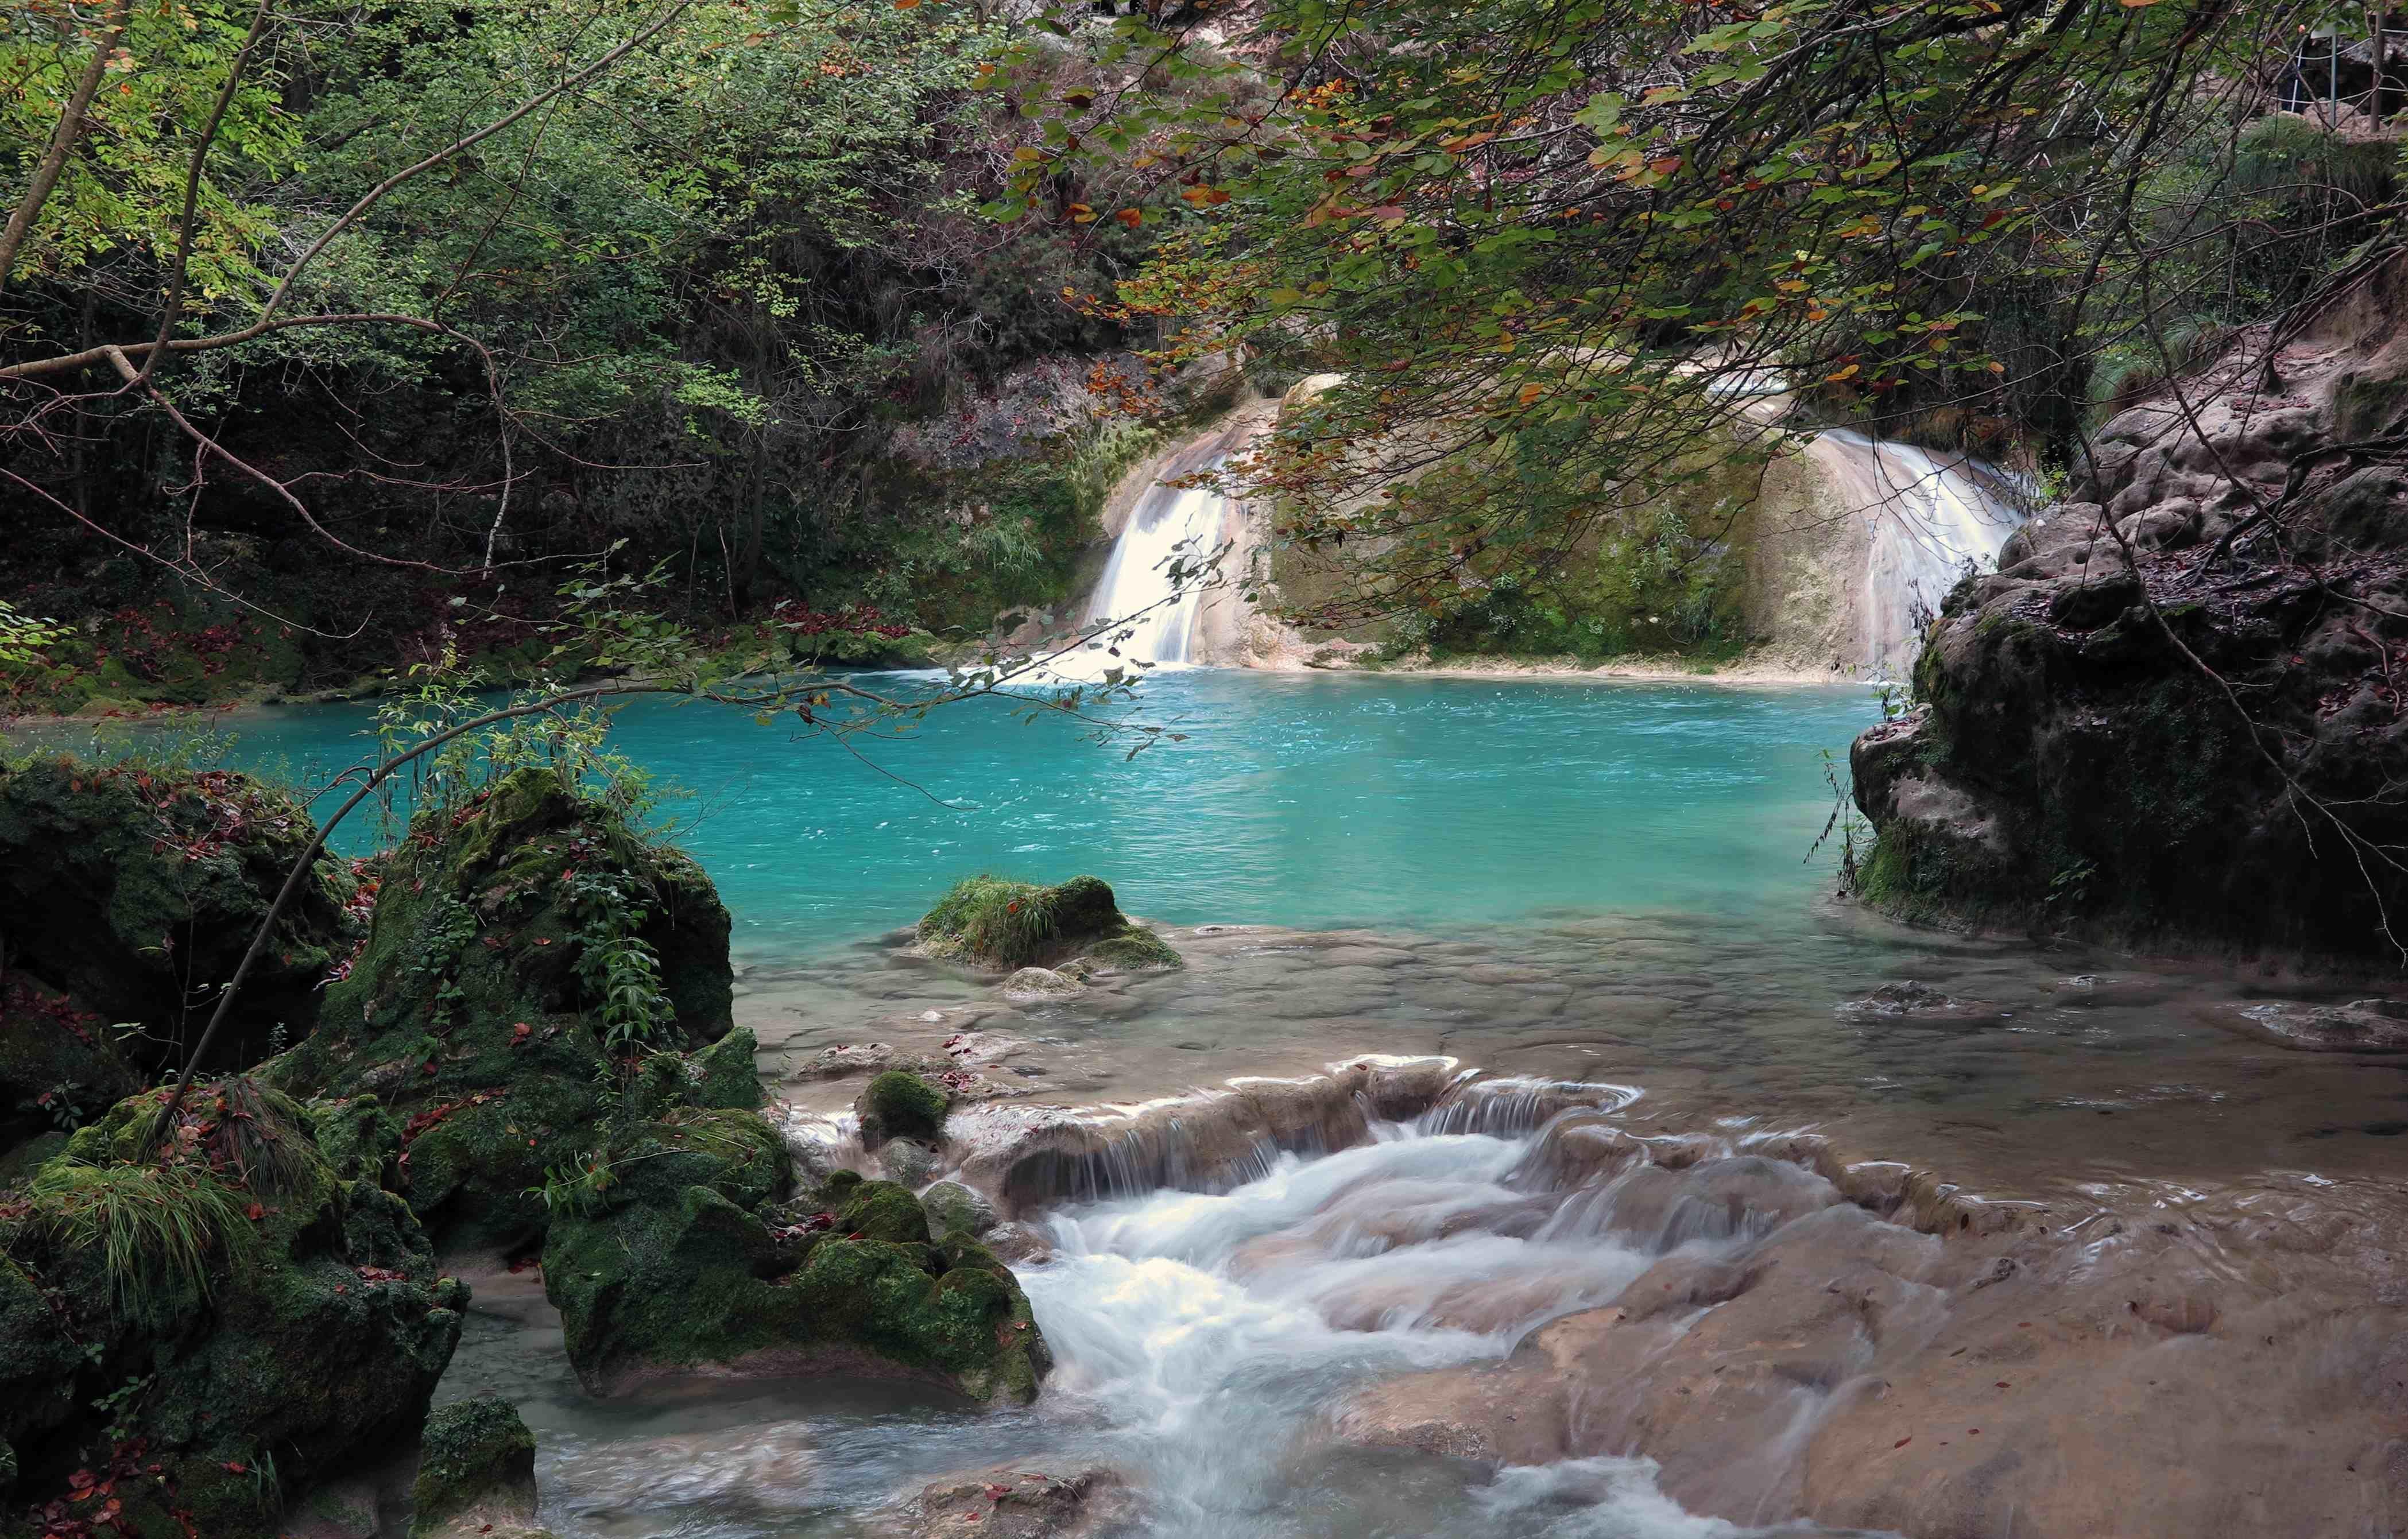 Urederra paseo hasta el nacimiento del rio urederra en for Piscinas naturales urederra